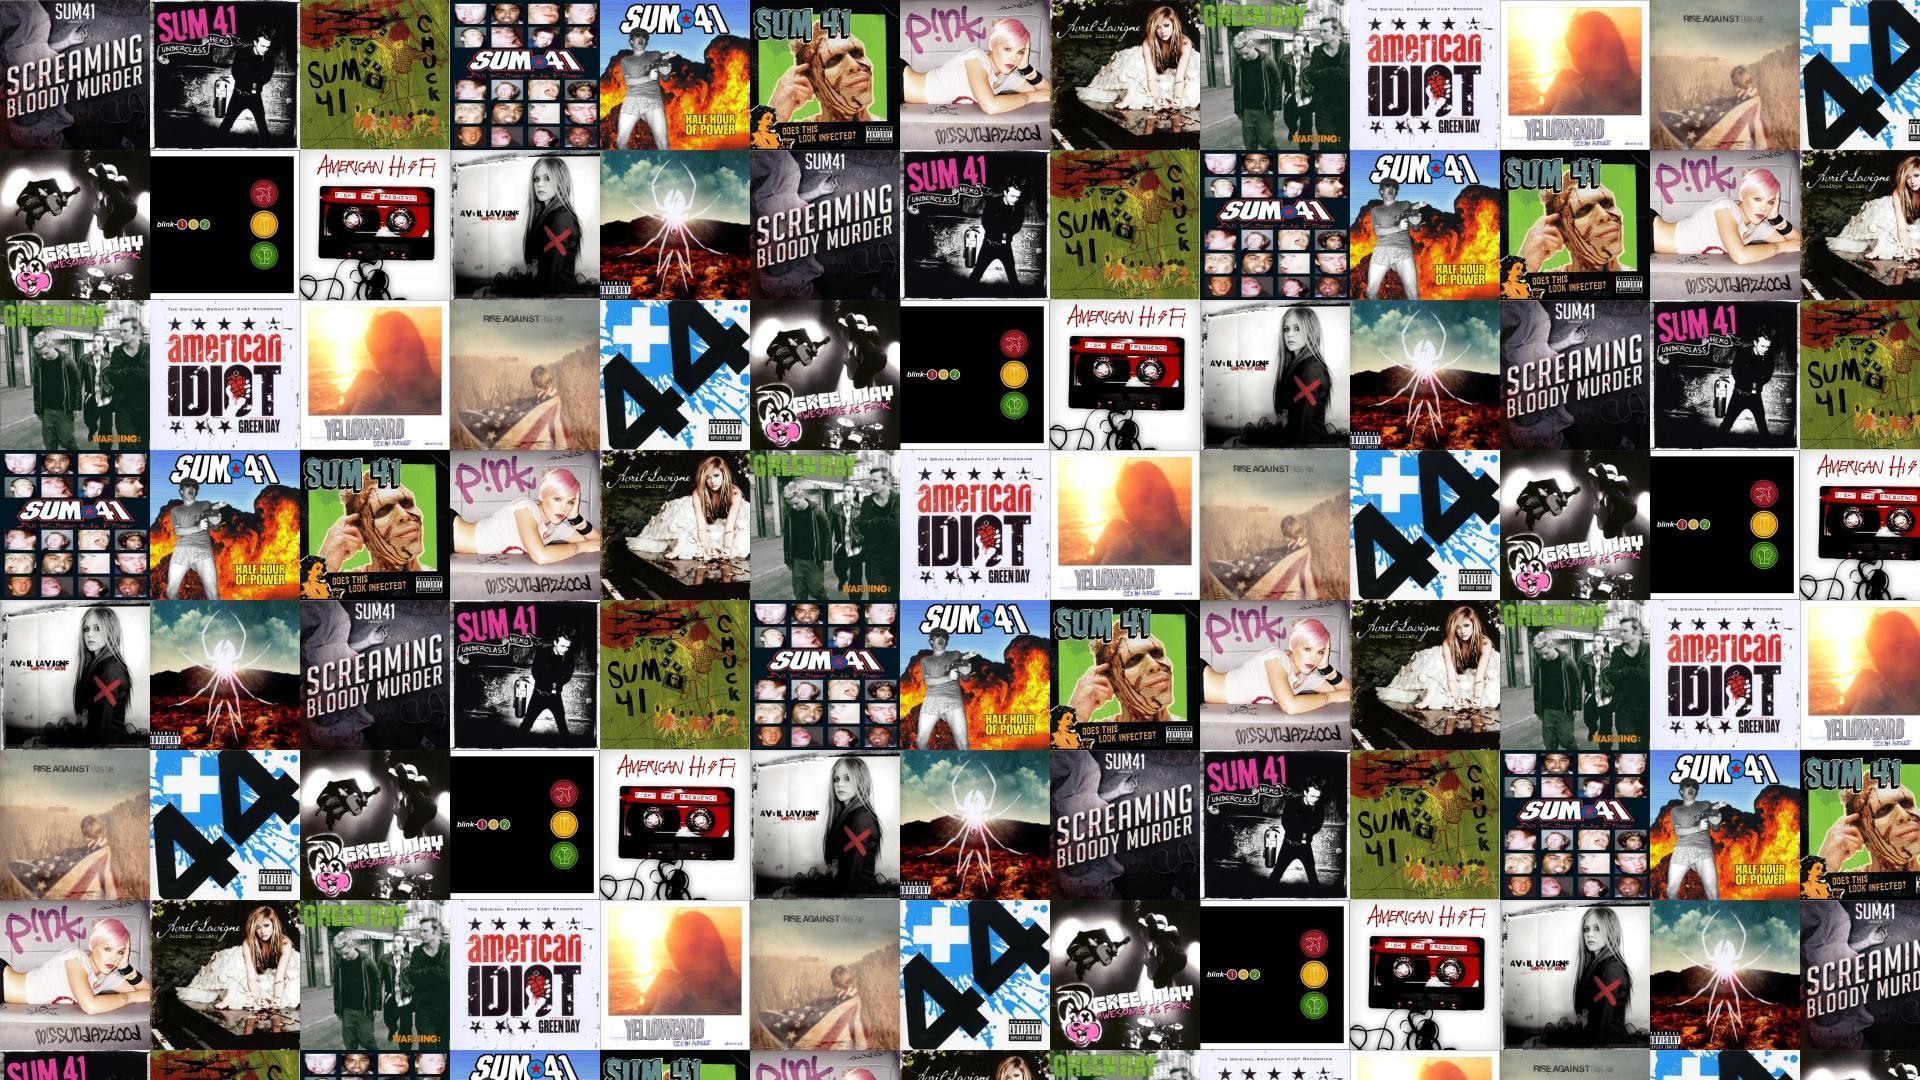 Sum 41 Screaming Bloody Murder Underclass Hero Chuck Wallpaper Â« Tiled  Desktop Wallpaper